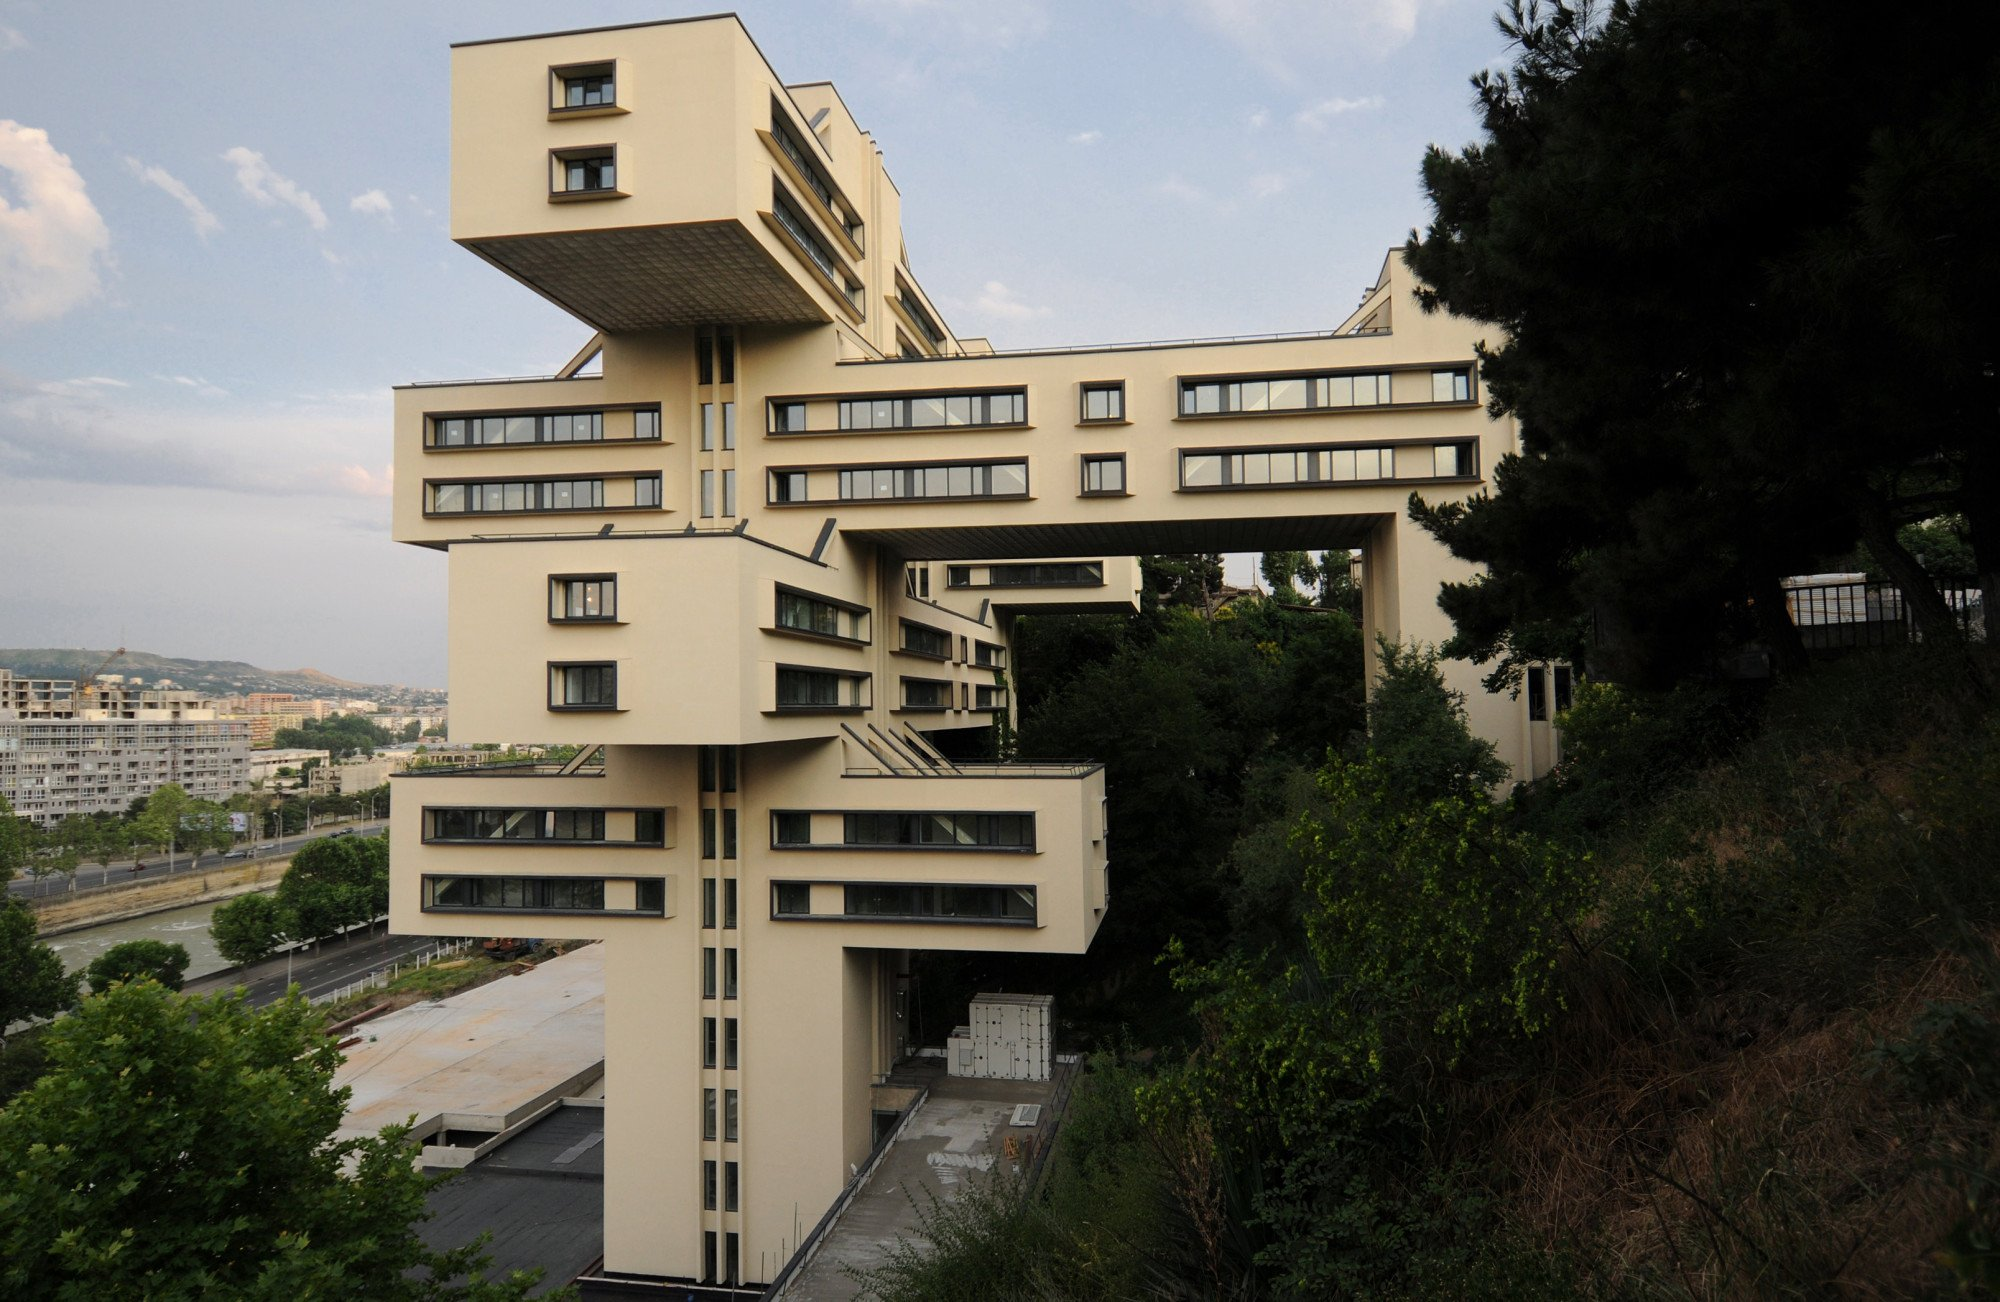 Beton brut architektur beton glossar baunetz wissen - Beton architektur ...